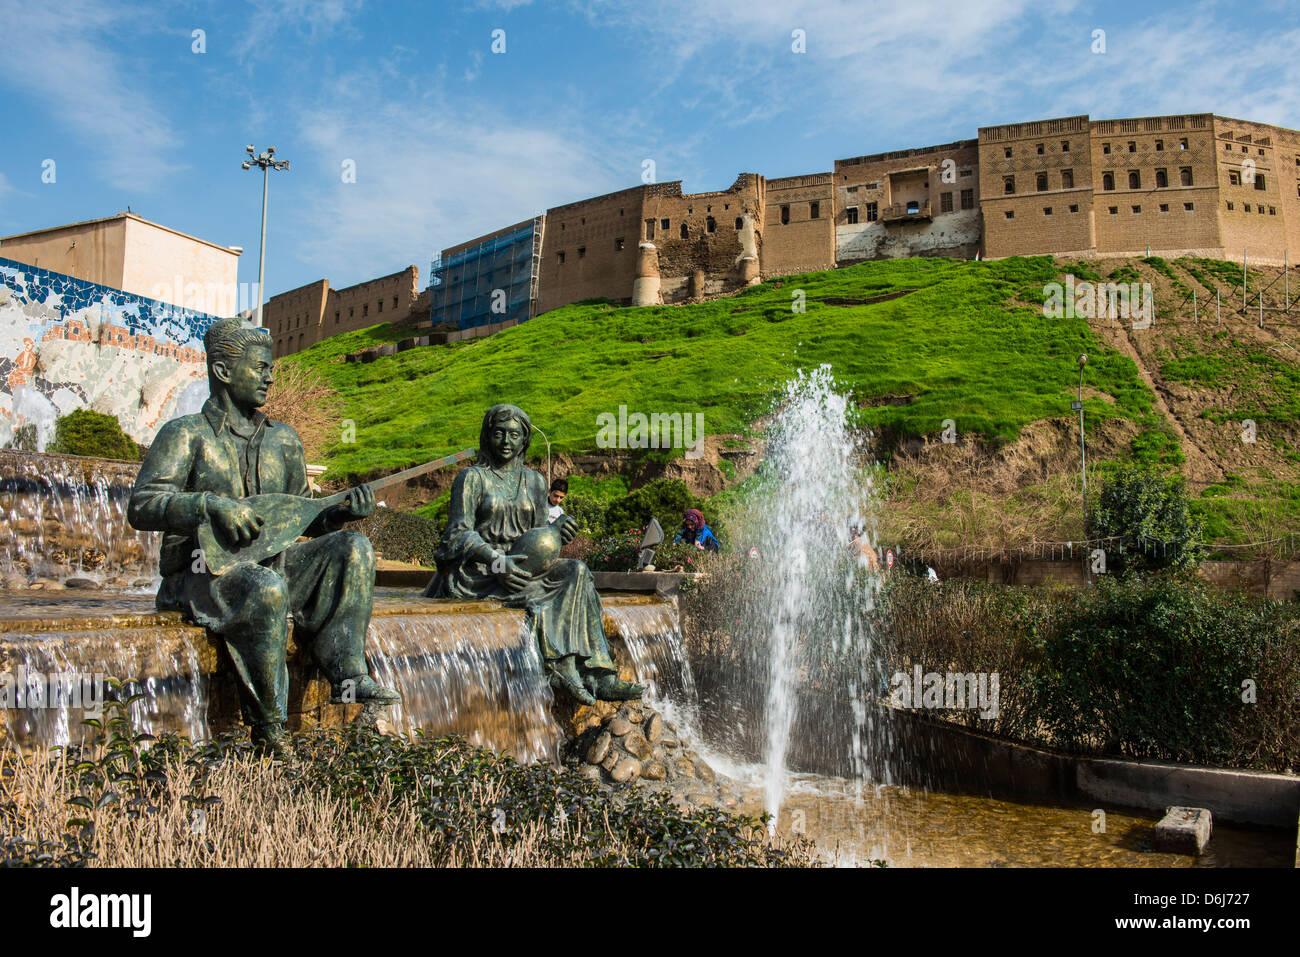 Estatuas y fuentes por debajo de la ciudadela de Erbil (Hawler), capital de Irak, Kurdistán, Iraq, Oriente Medio Foto de stock